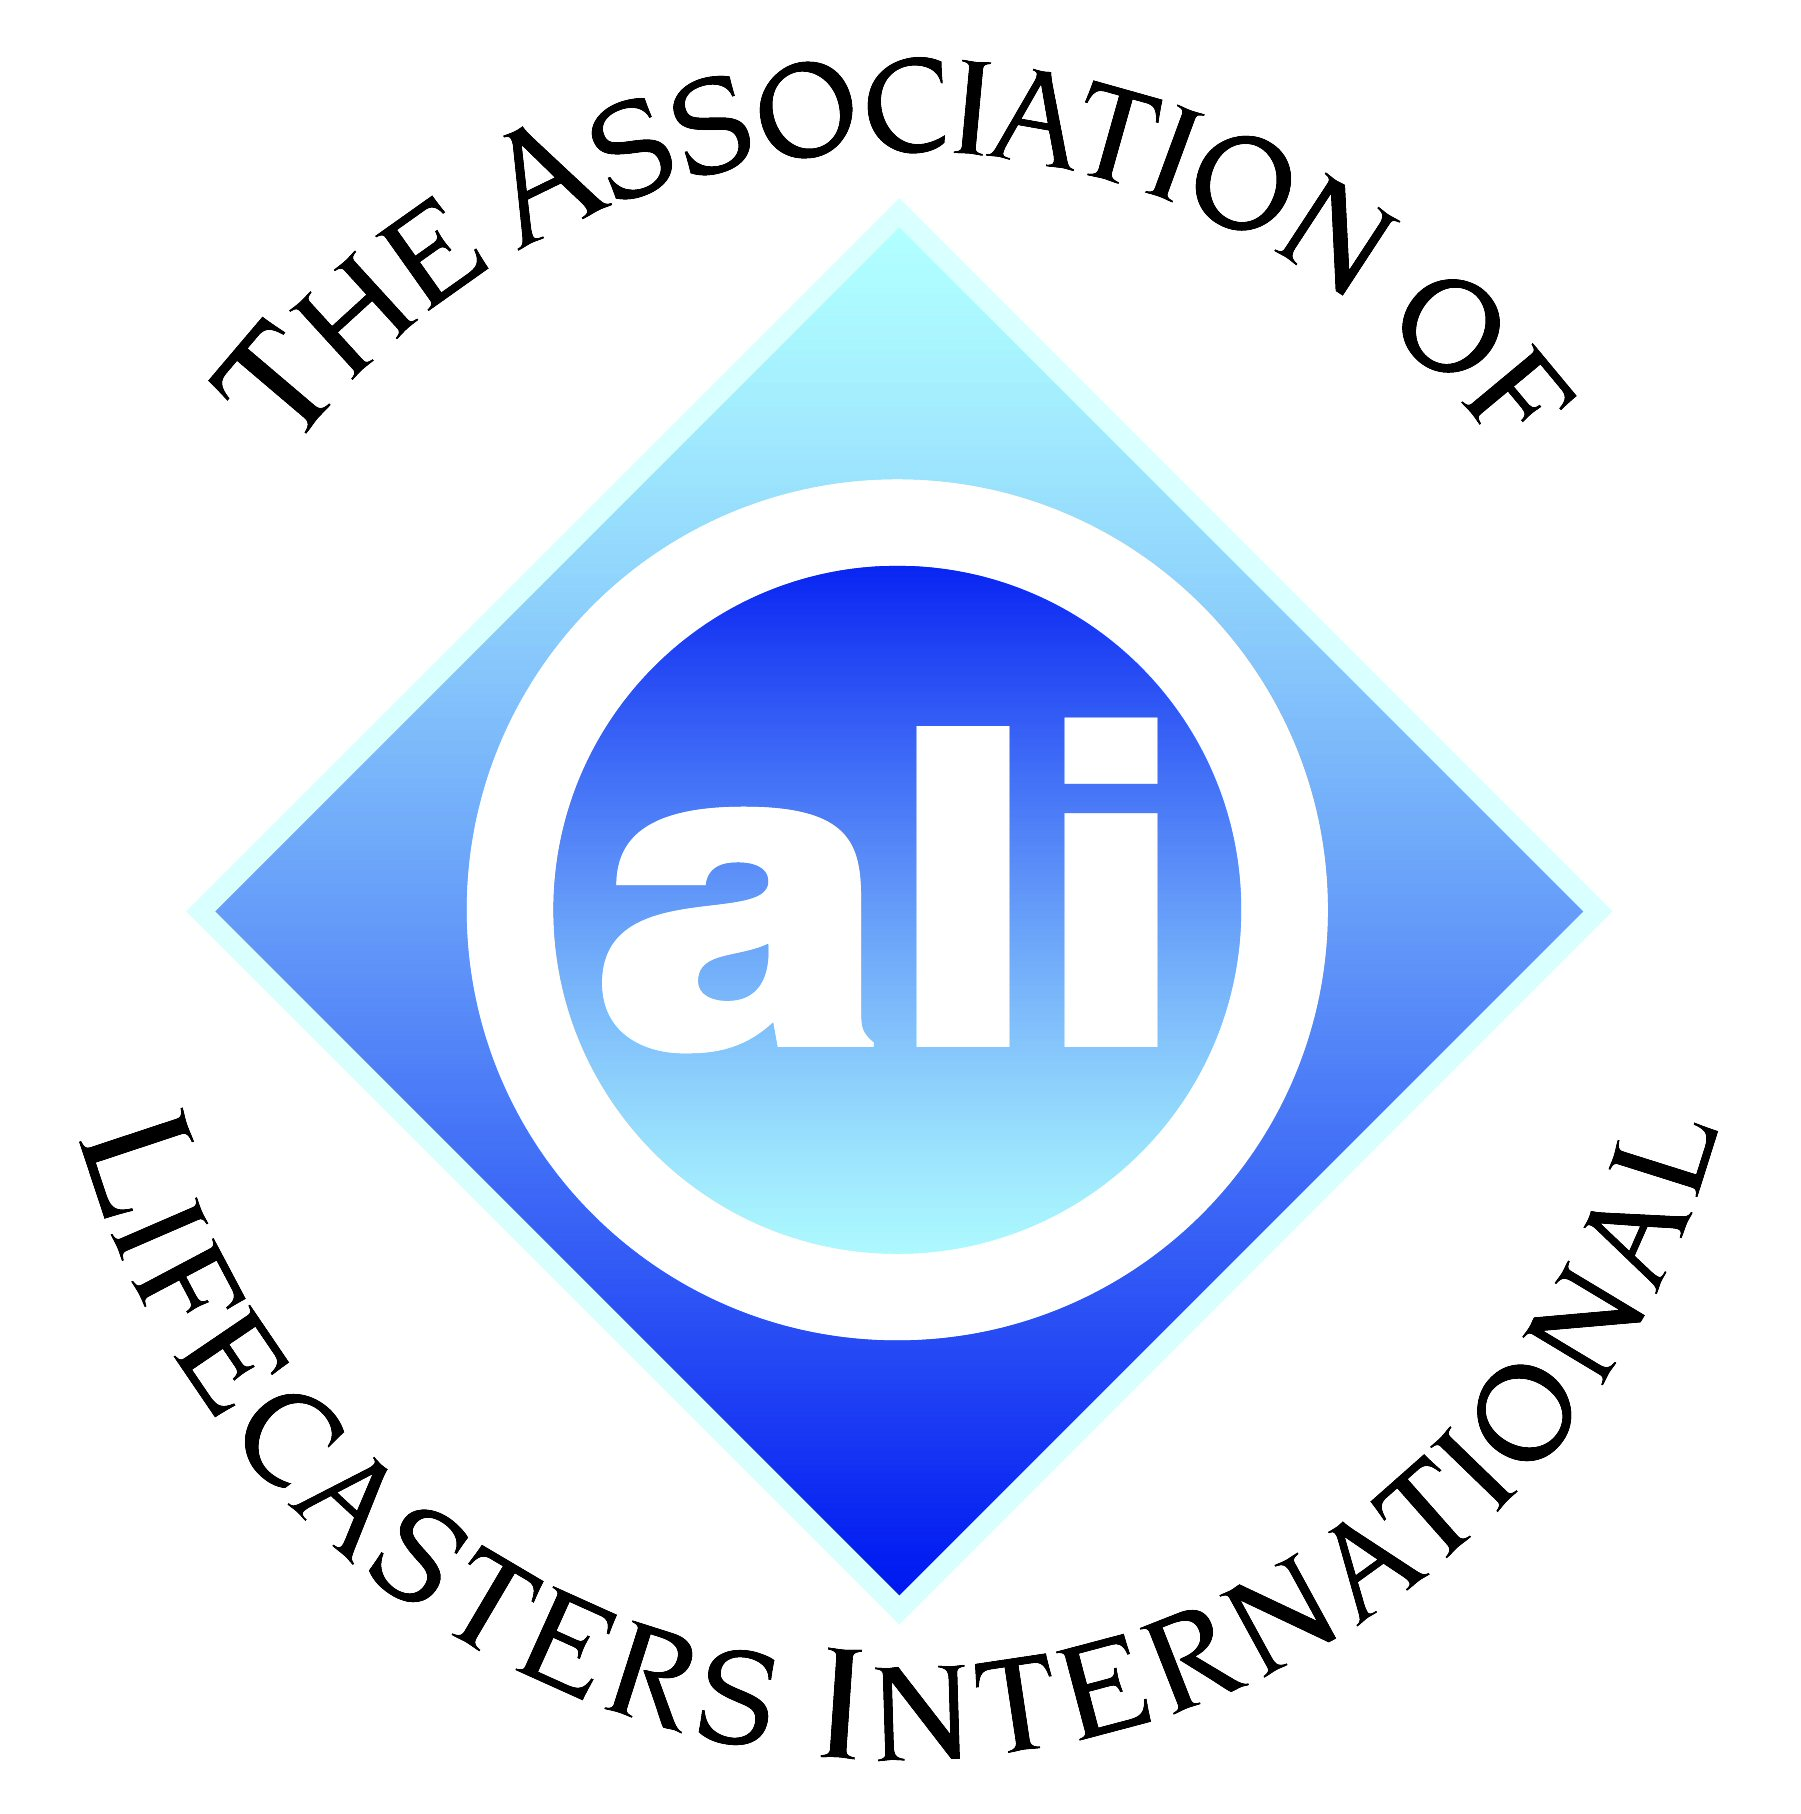 lifecasters international Körperabformer